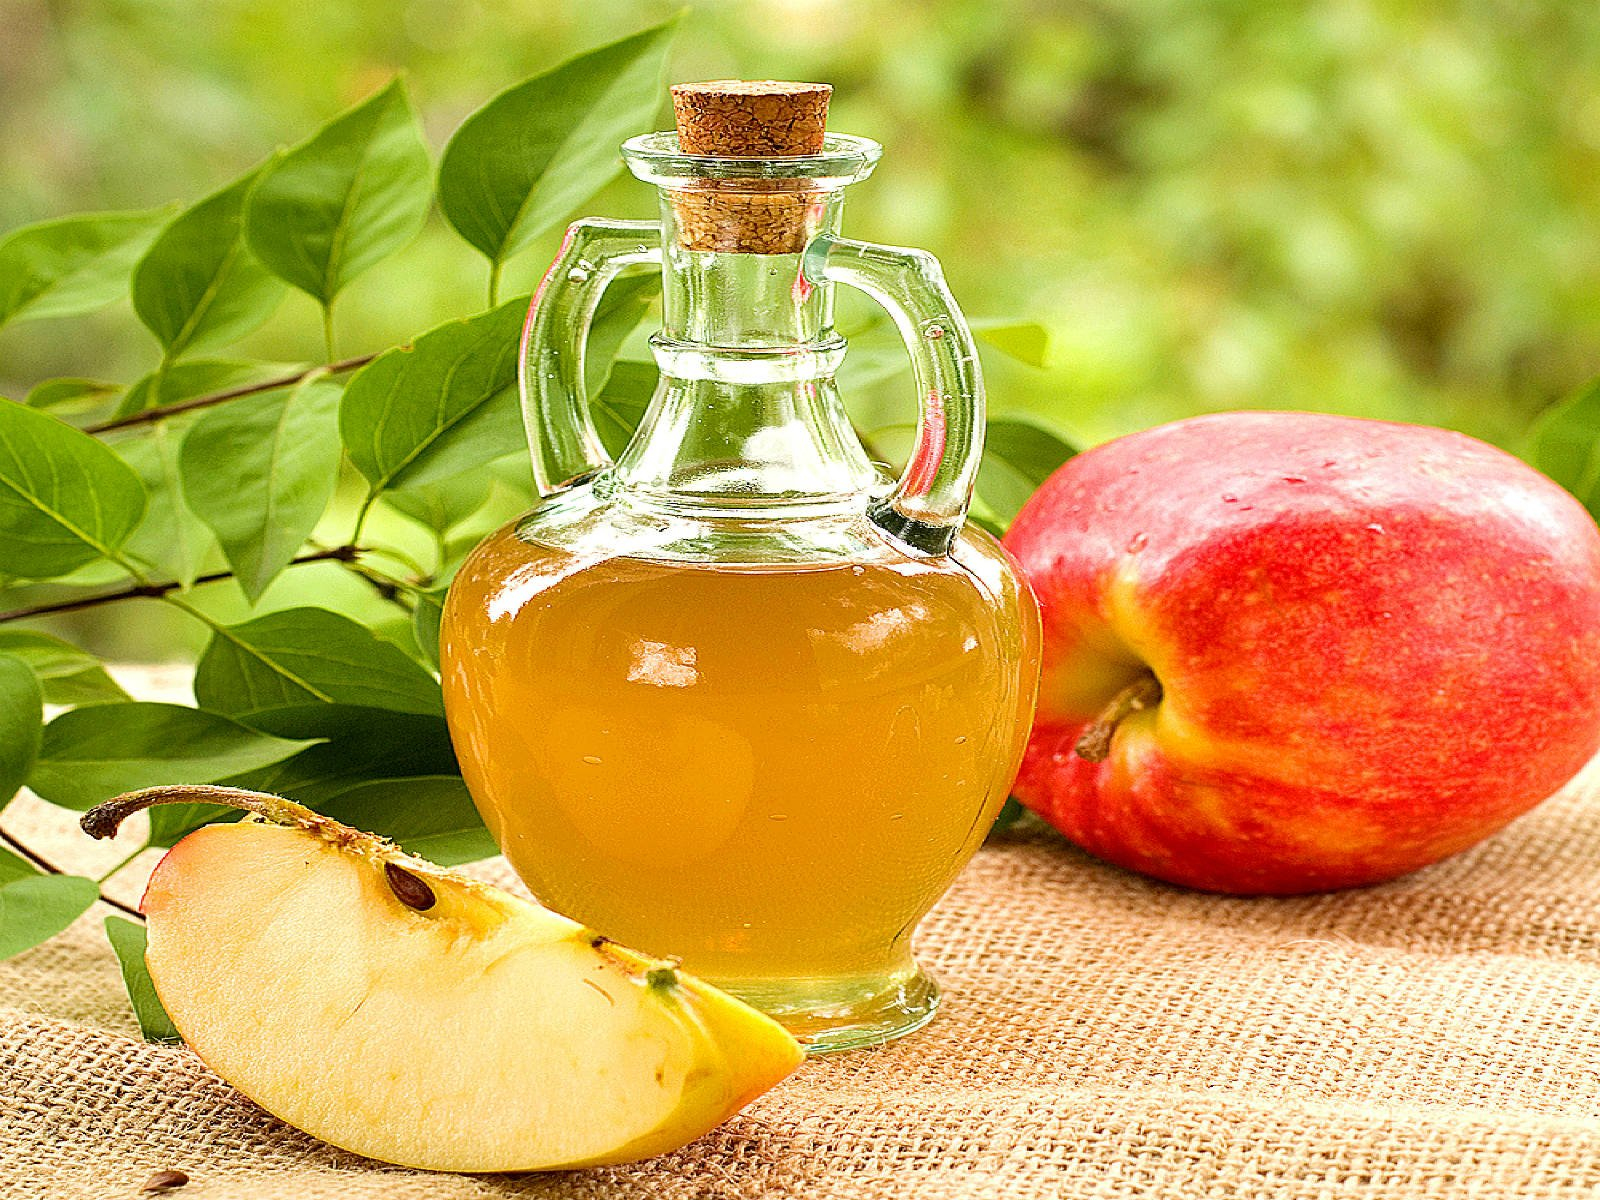 яблочный уксус для похудения отзывы диетологов